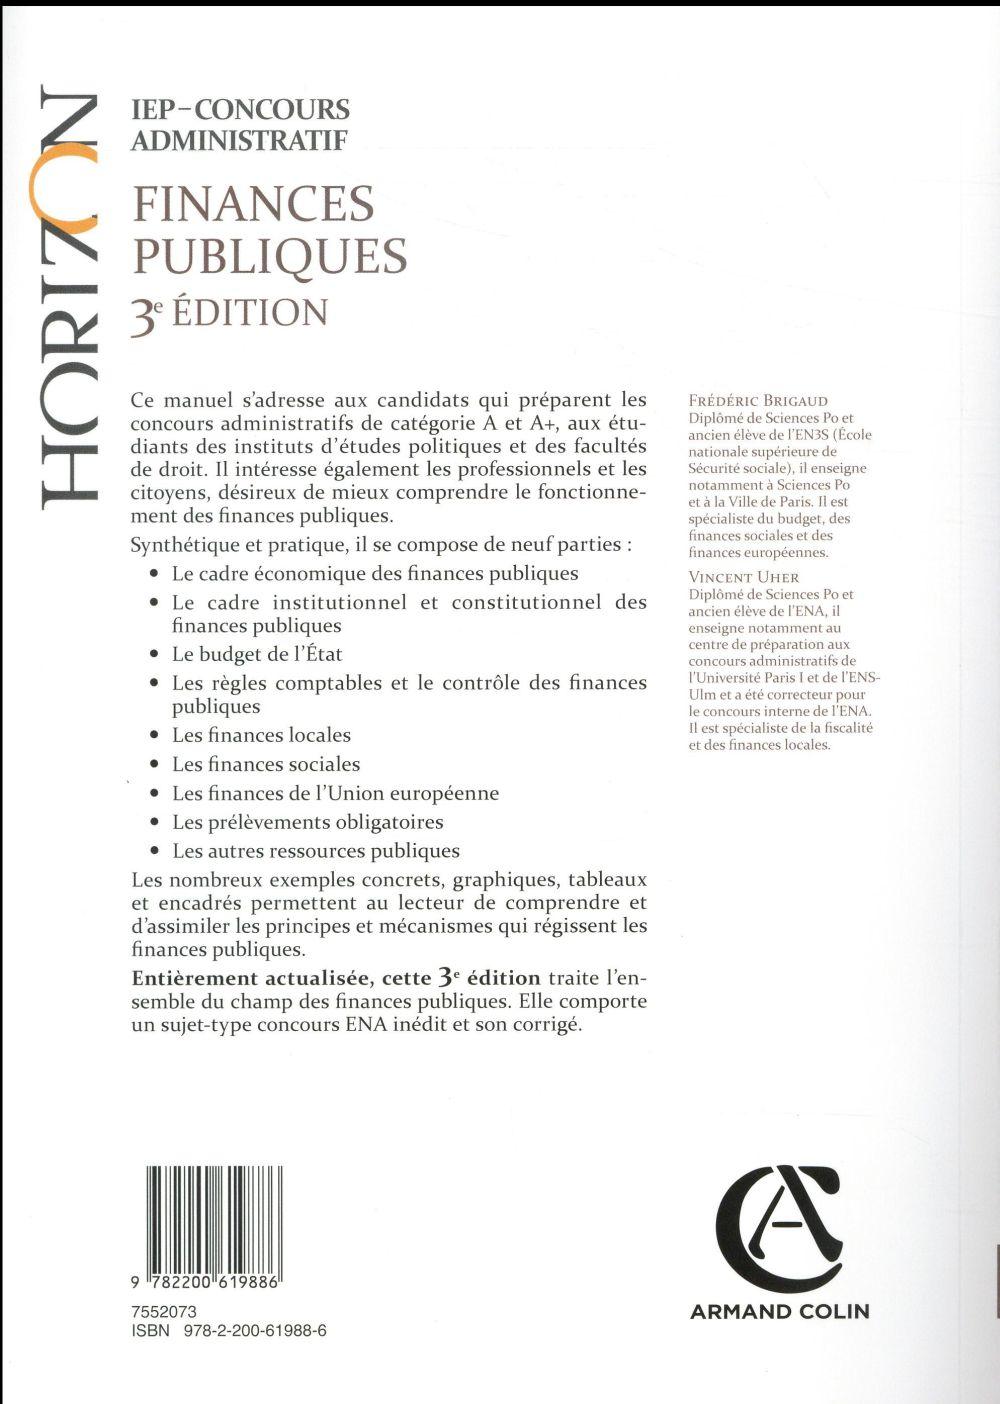 Finances publiques ; IEP-concours administratif (3e édition)